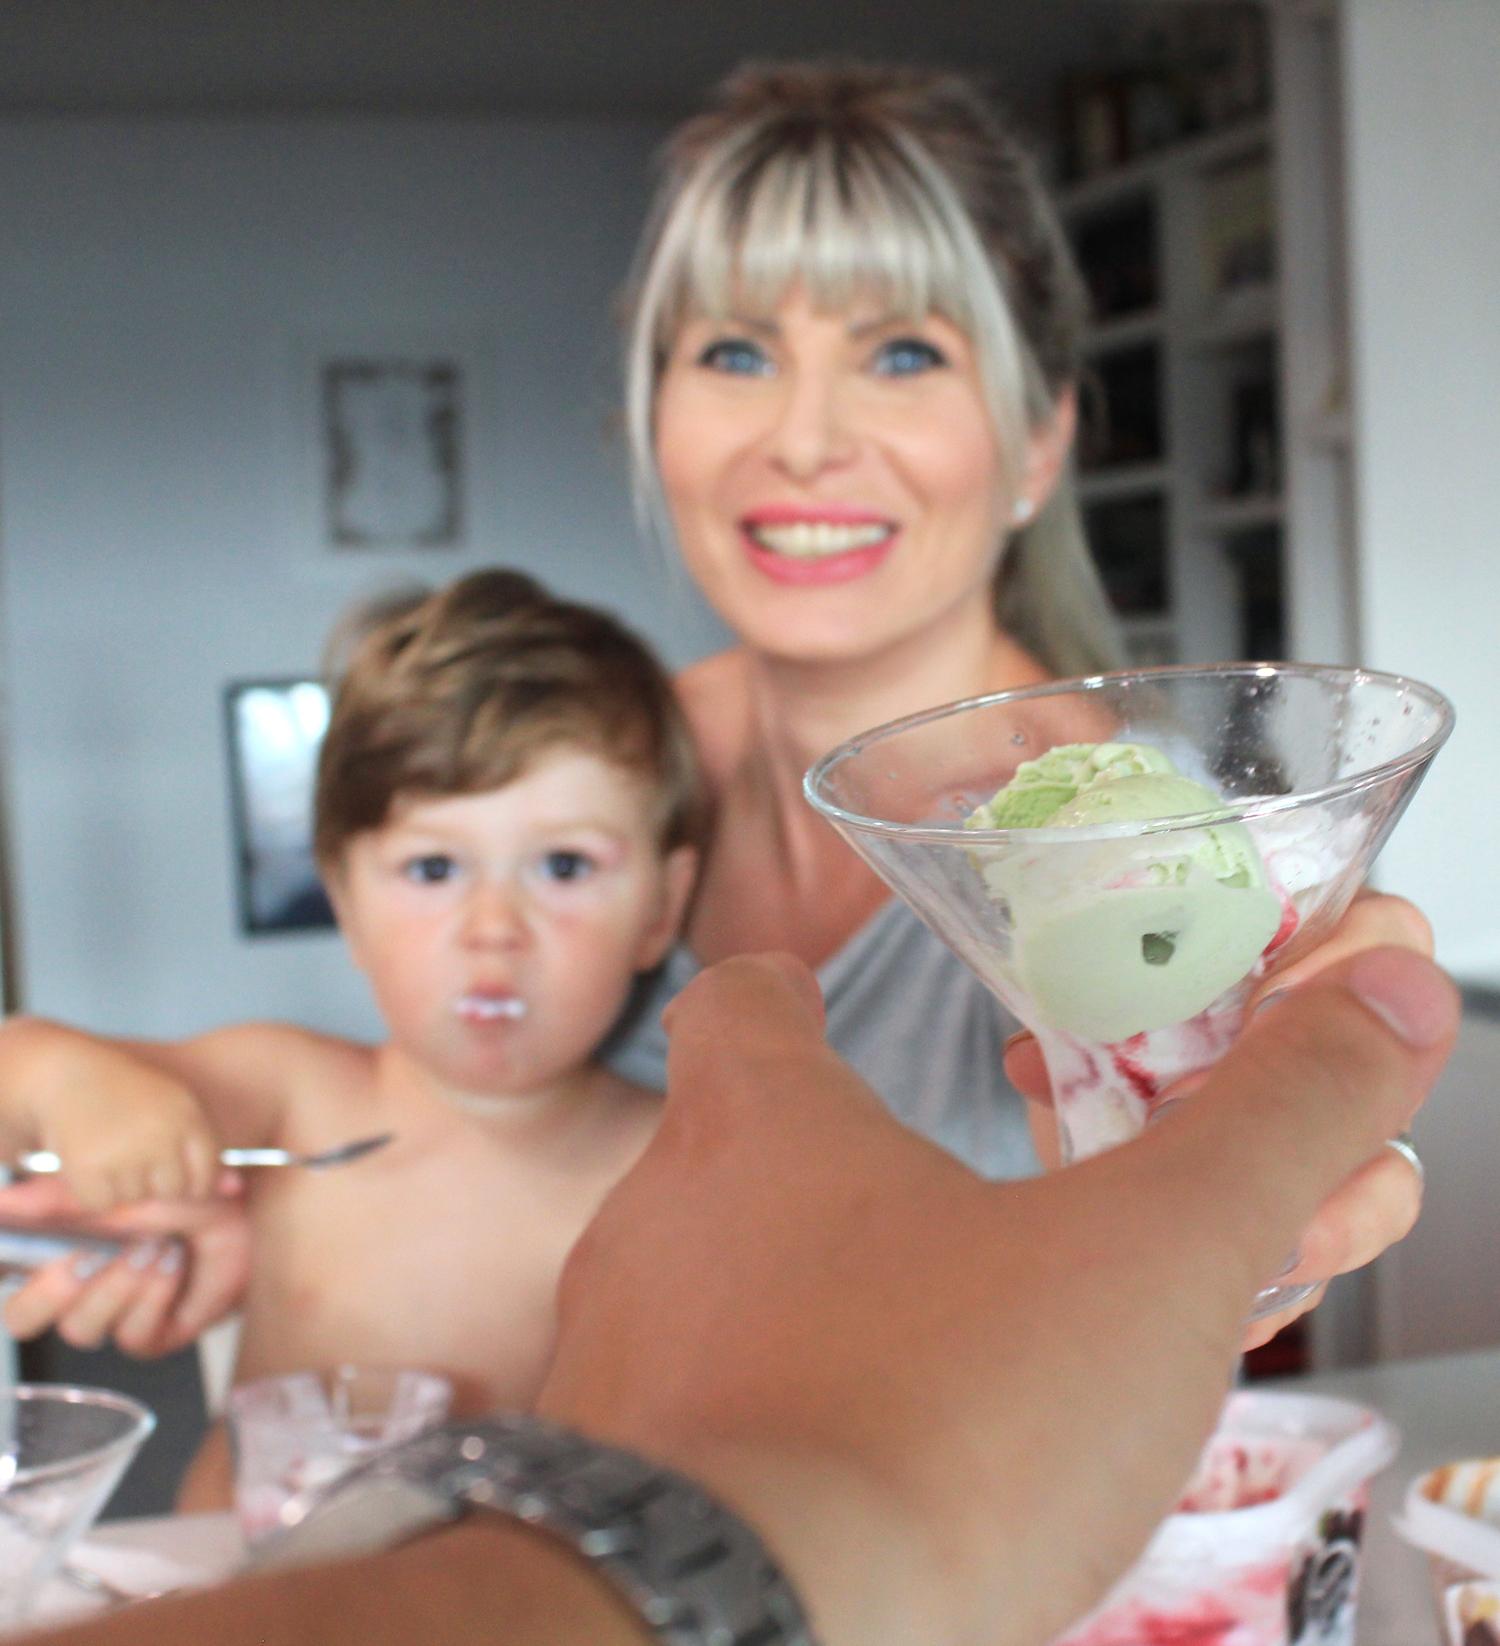 mama copil tata inghetata gelato siviero maria